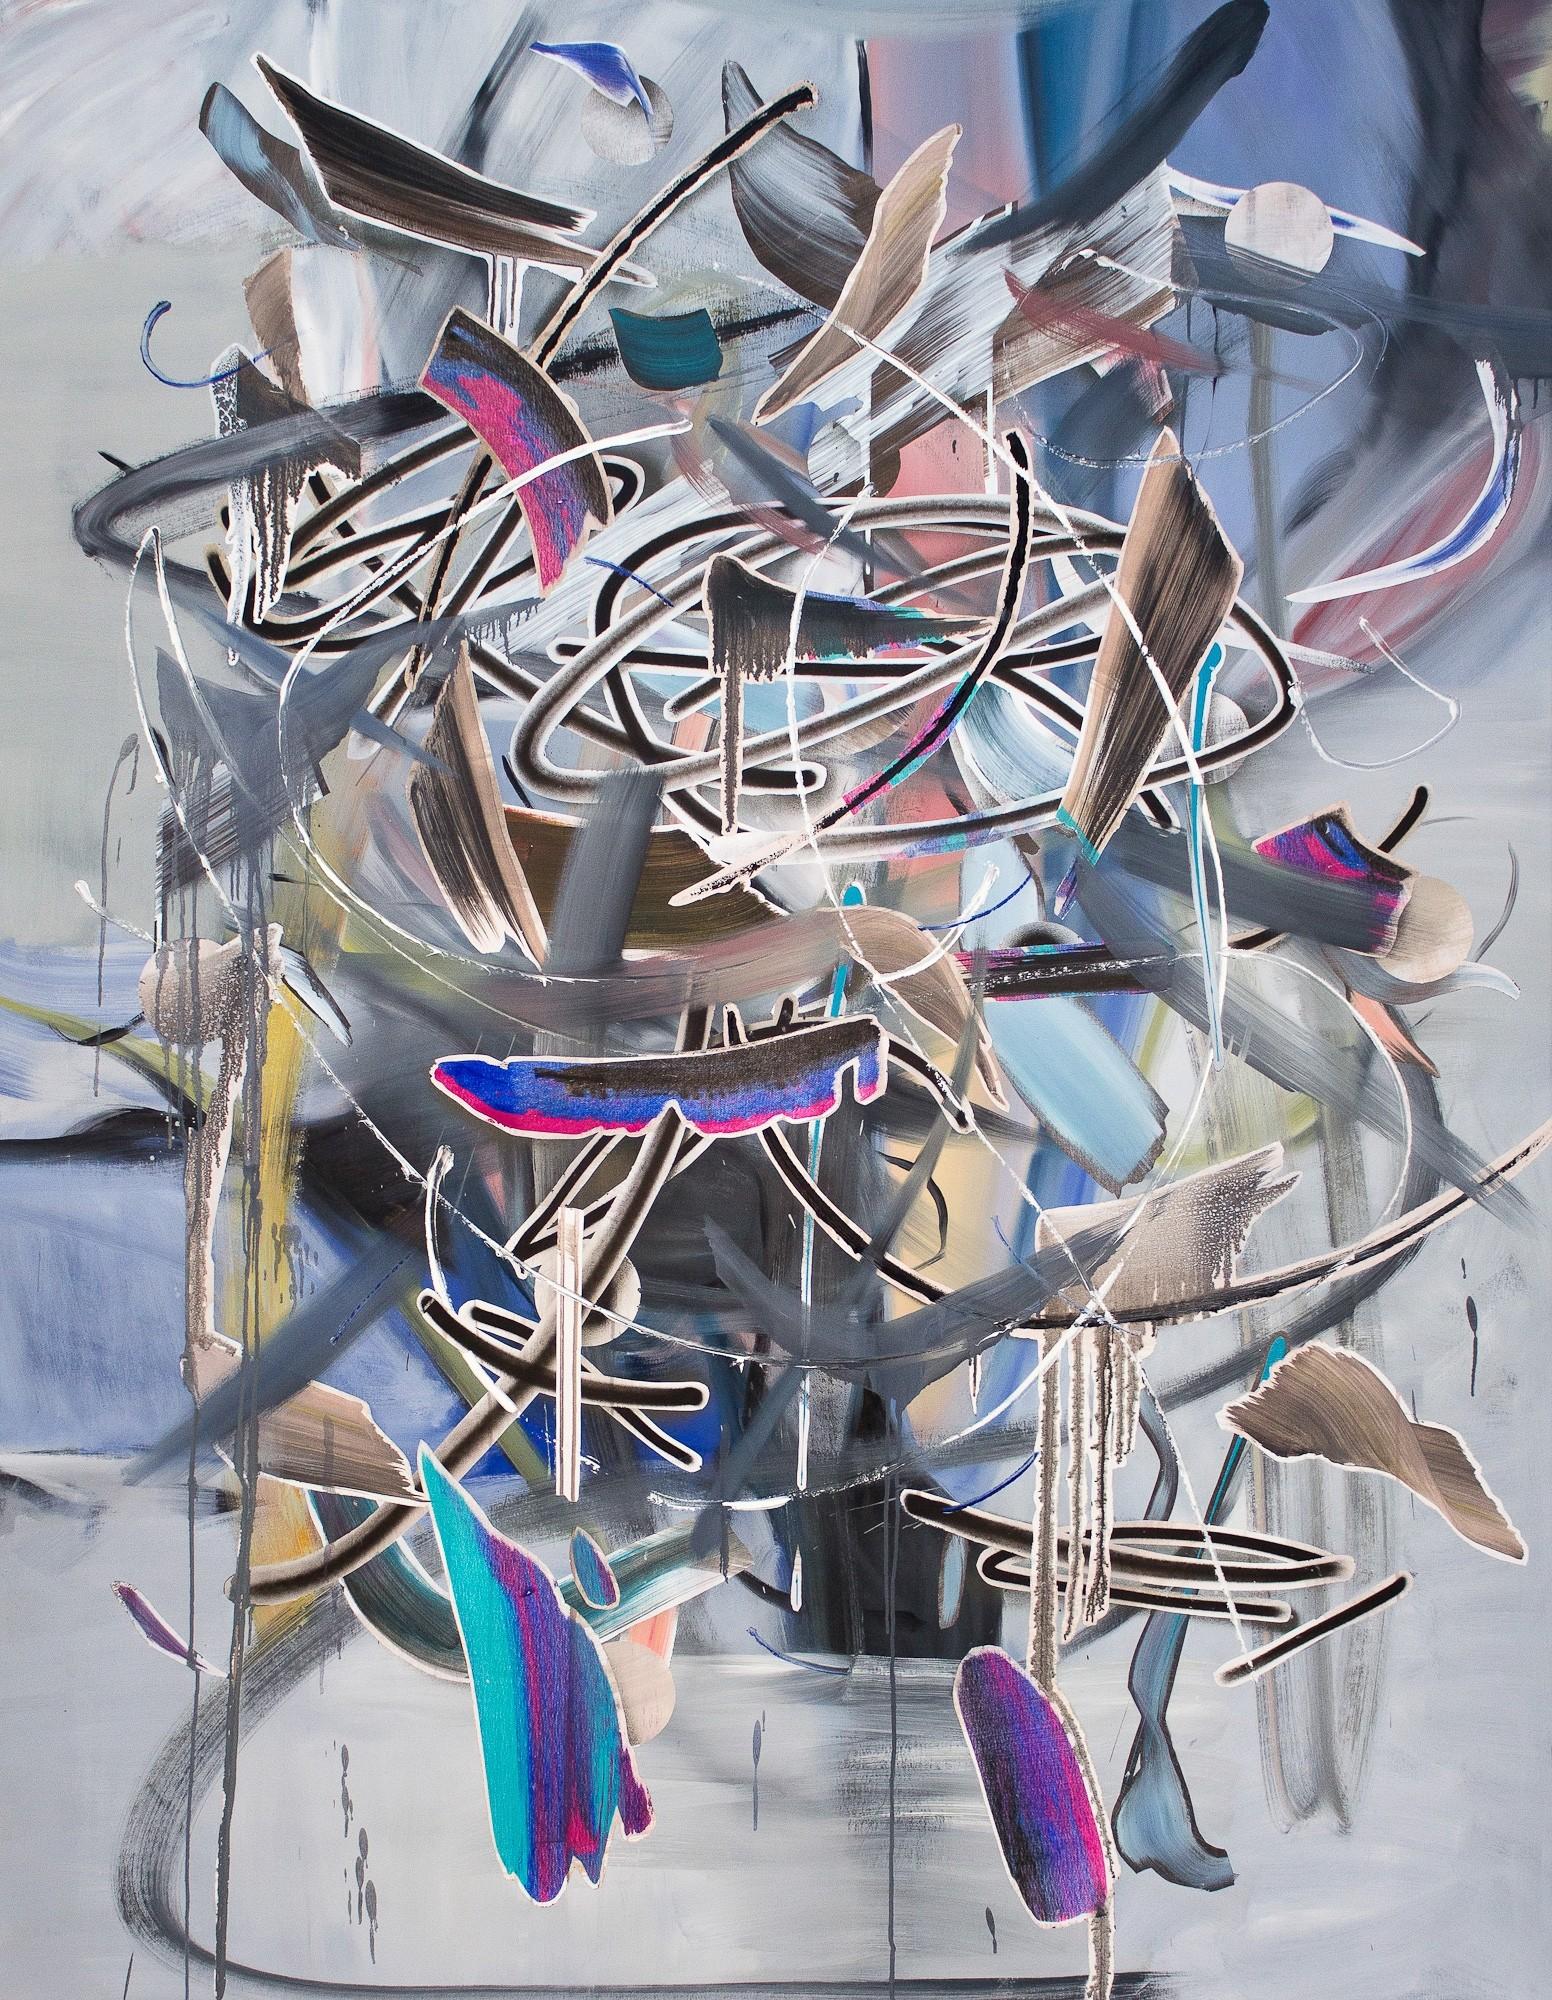 O.T. 28, Malerei von Malwin Faber, Öl, Acryl und Sprühfarbe auf Leinwand